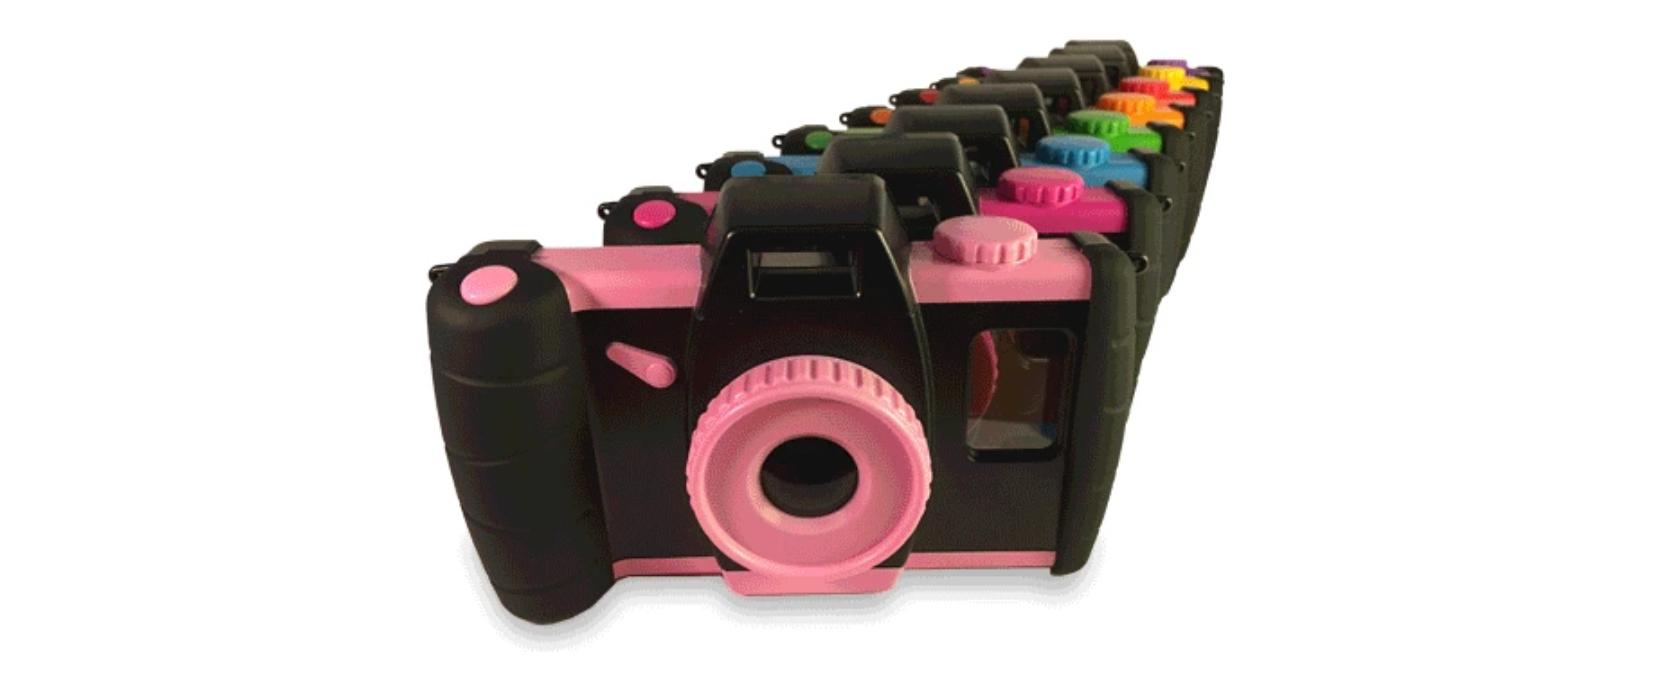 Kickstarterに出品されている、使わなくなったスマホを子供用カメラに変身させるガジェット「Pixlplay」の紹介